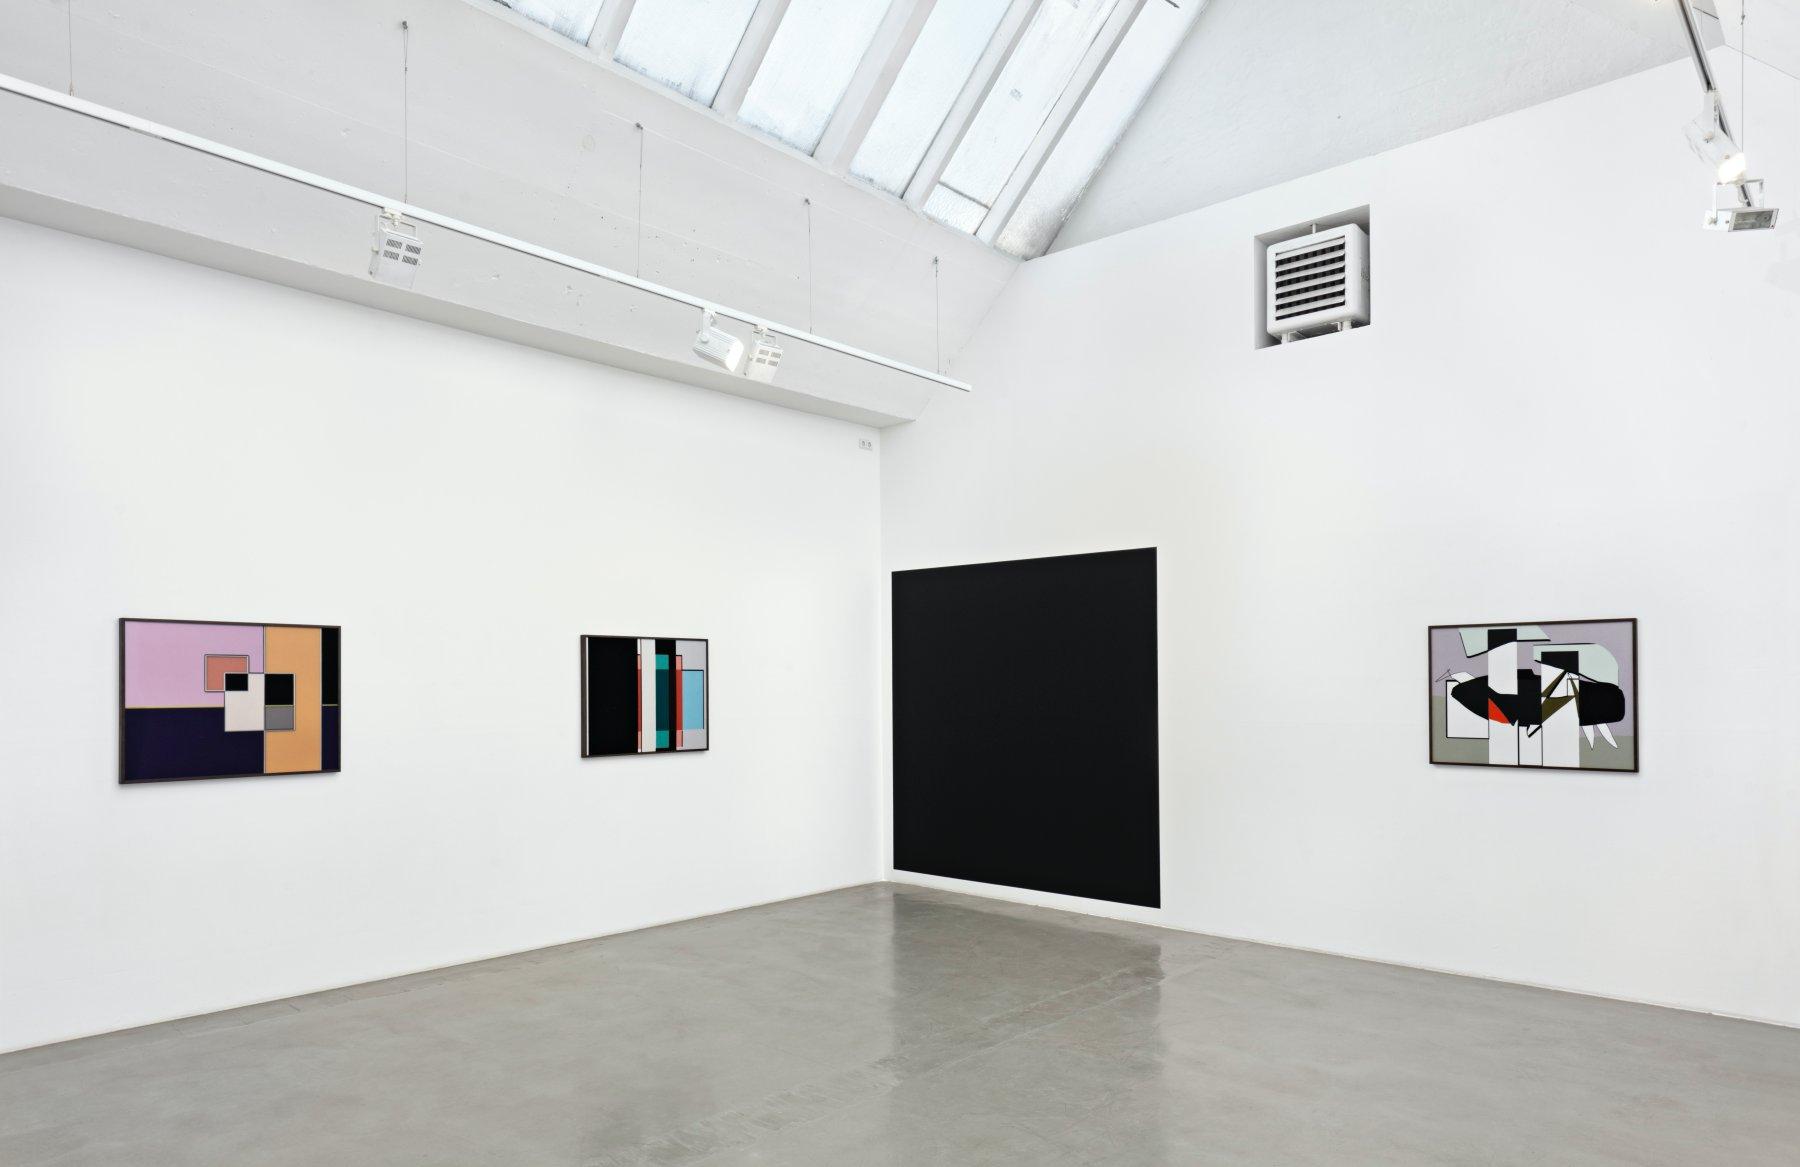 Galerie Barbara Thumm Anne-Mie van Kerckhoven 1